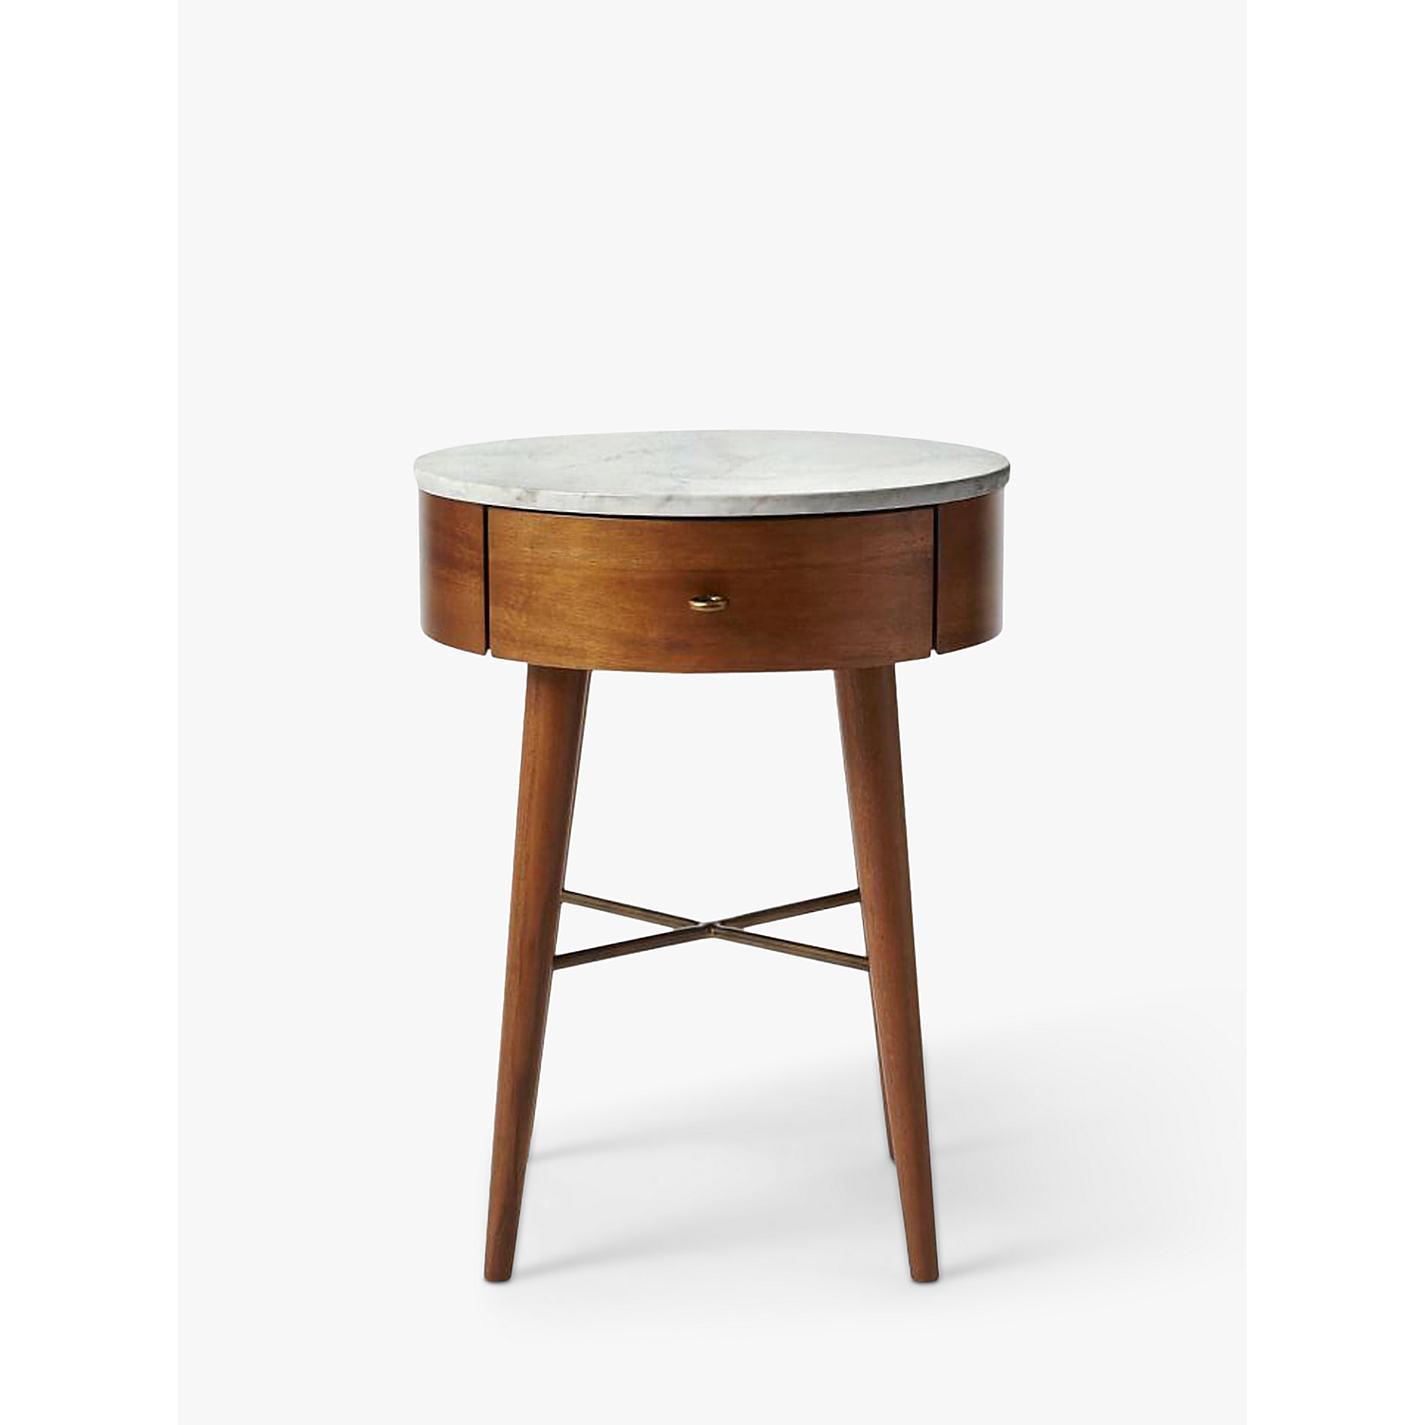 buy west elm penelope bedside table acorn online at johnlewiscom - Bedside Table Cheap